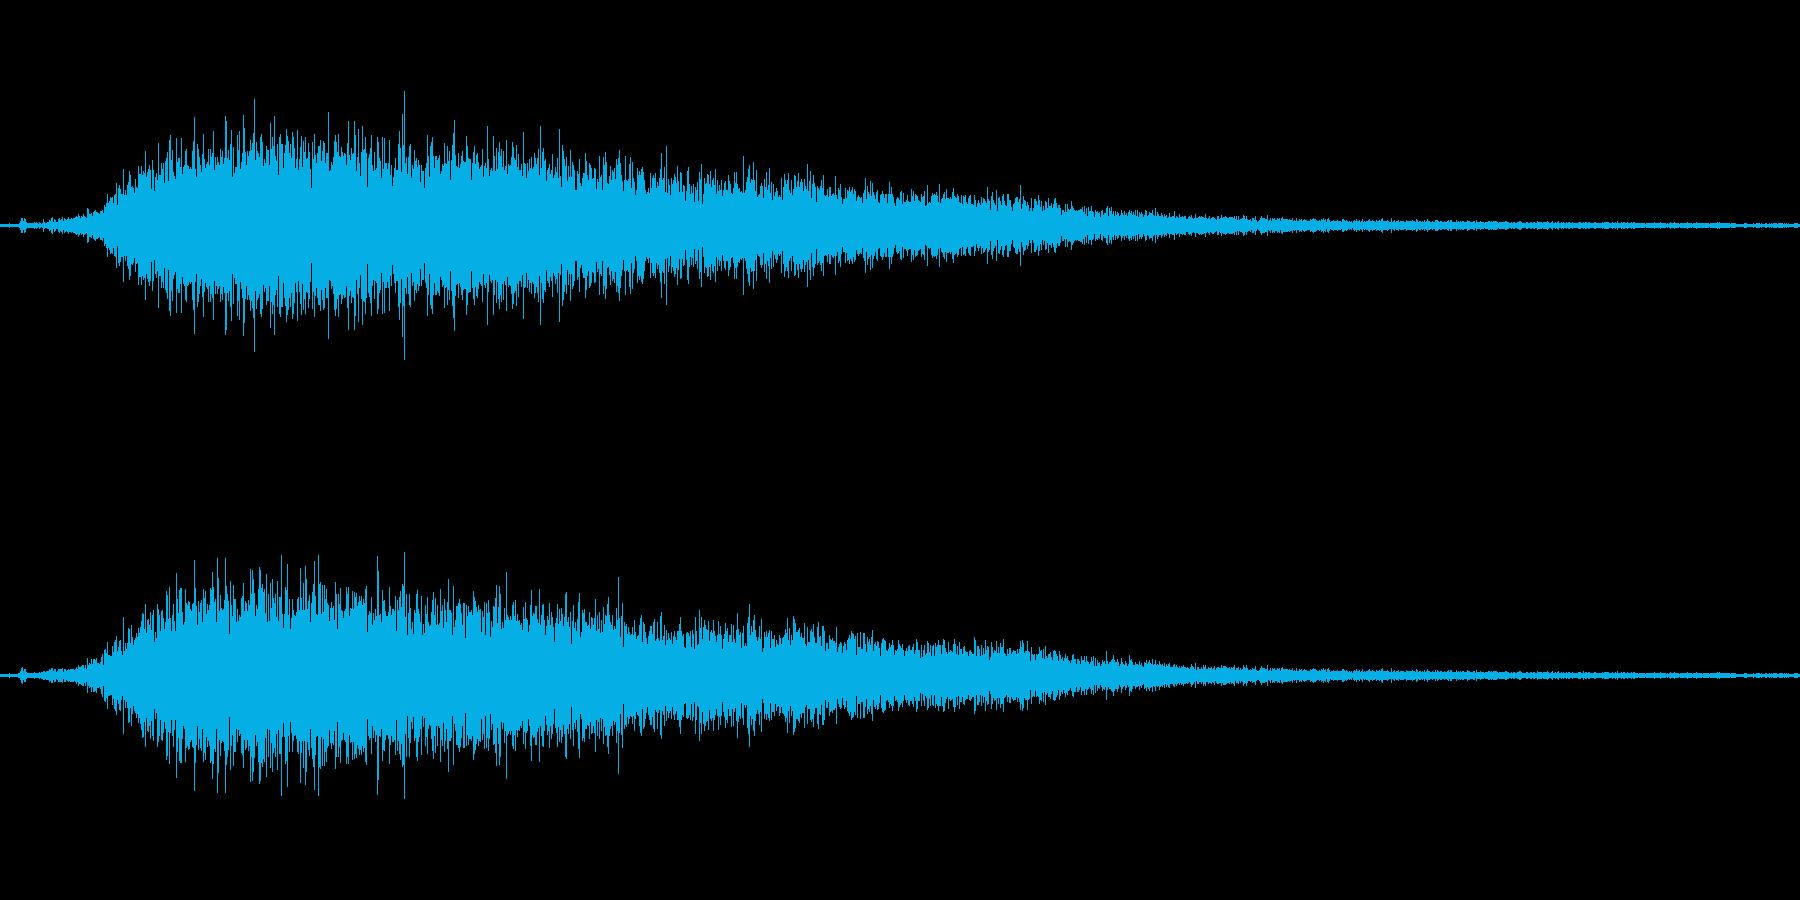 【プシュー】蒸気などを排出する音の再生済みの波形